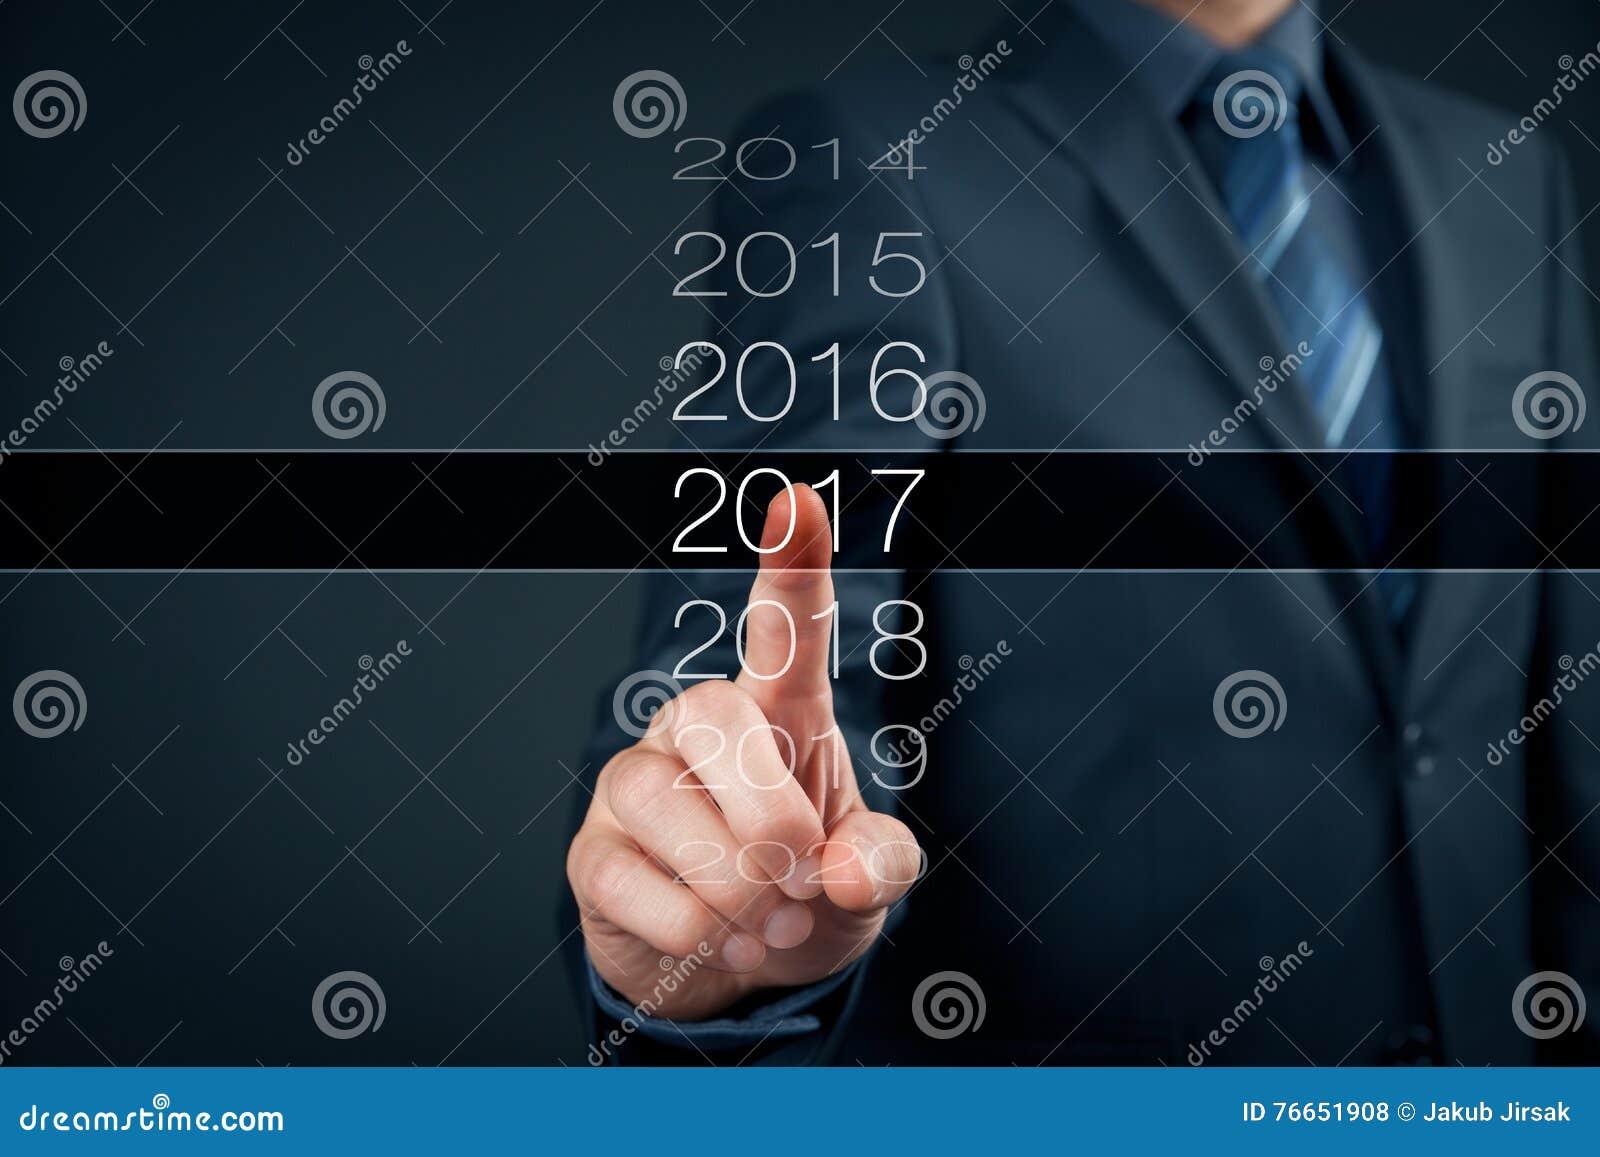 Geschäftsjahr 2017 stockfoto. Bild von gruß, kalender - 76651908